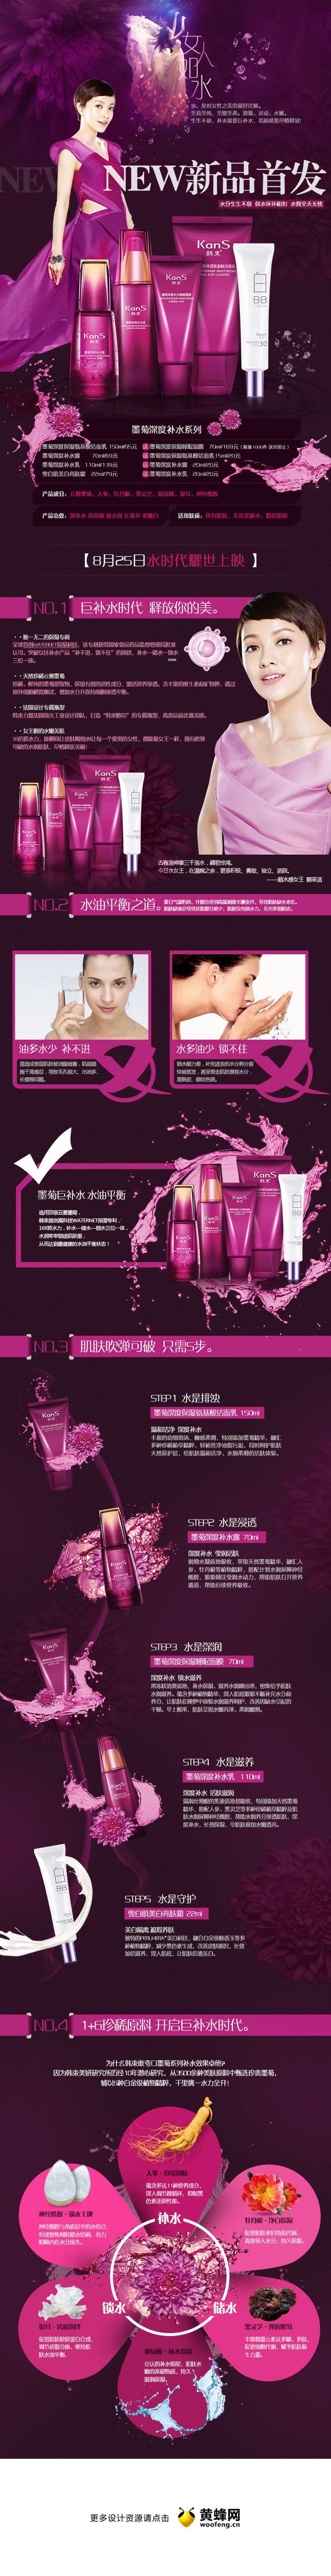 韩束化妆品详情页设计,来源自黄蜂网http://woofeng.cn/